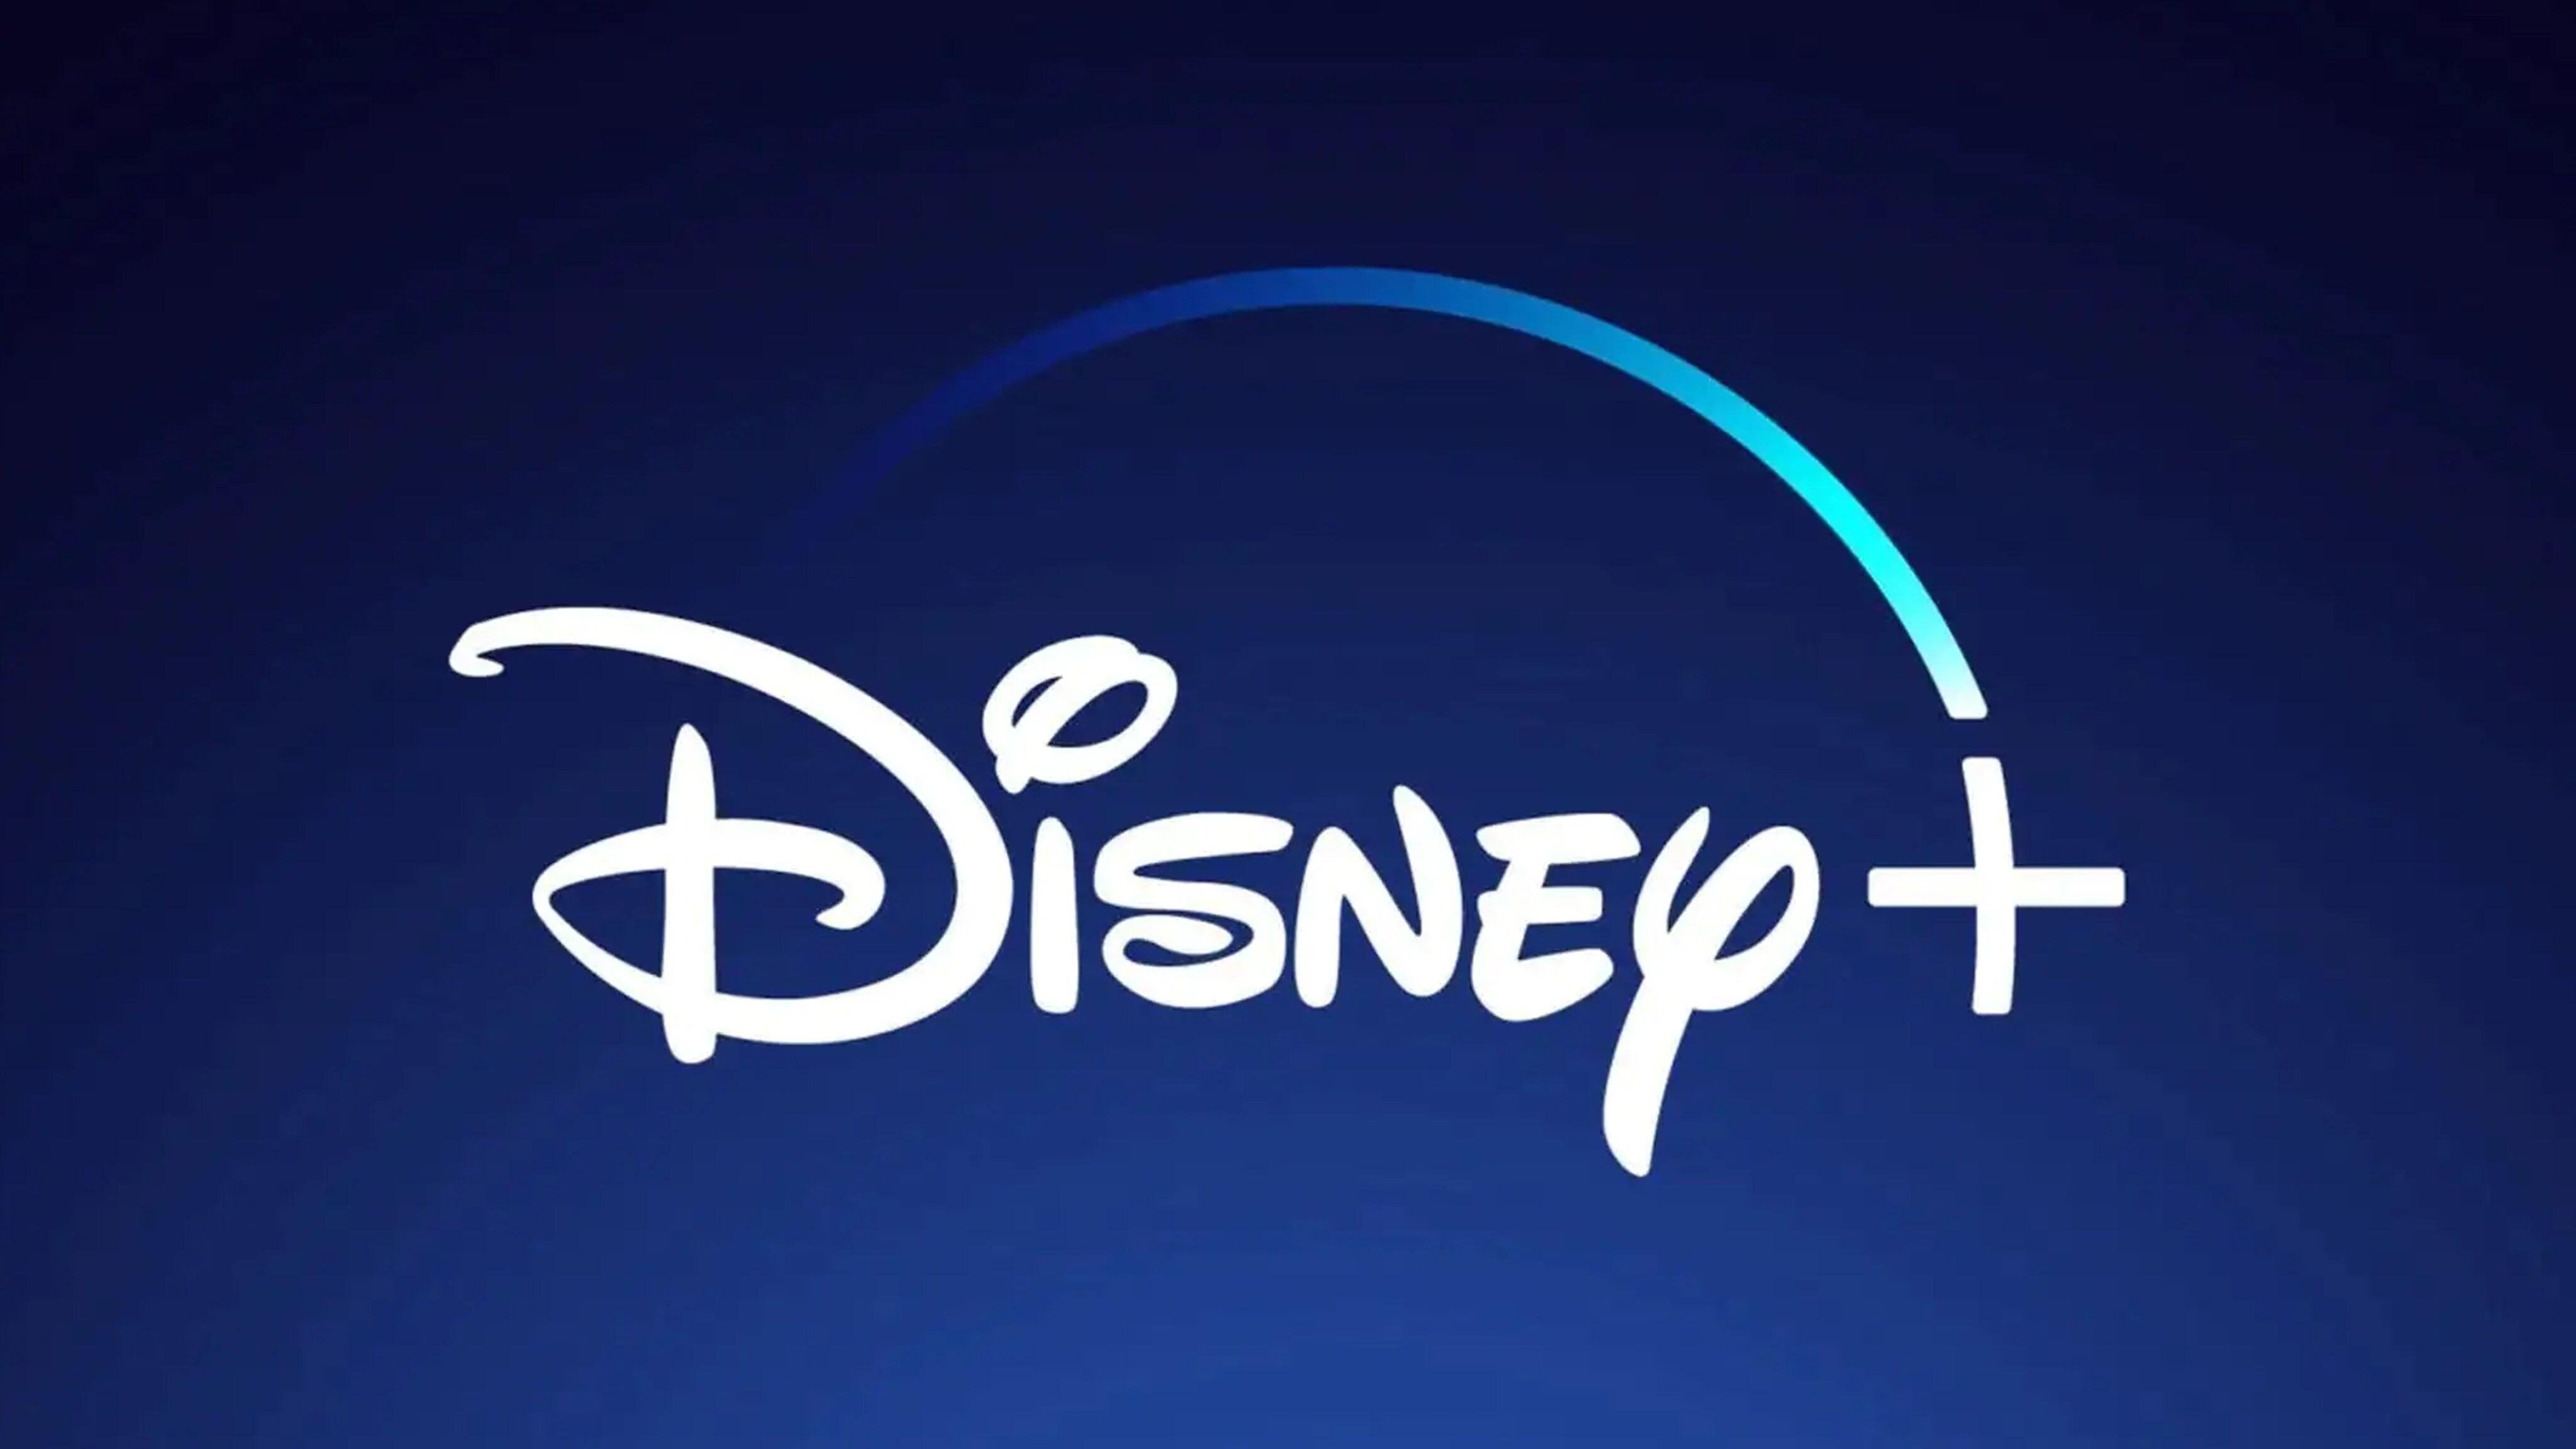 Disney+ supera los 50 millones de suscriptores